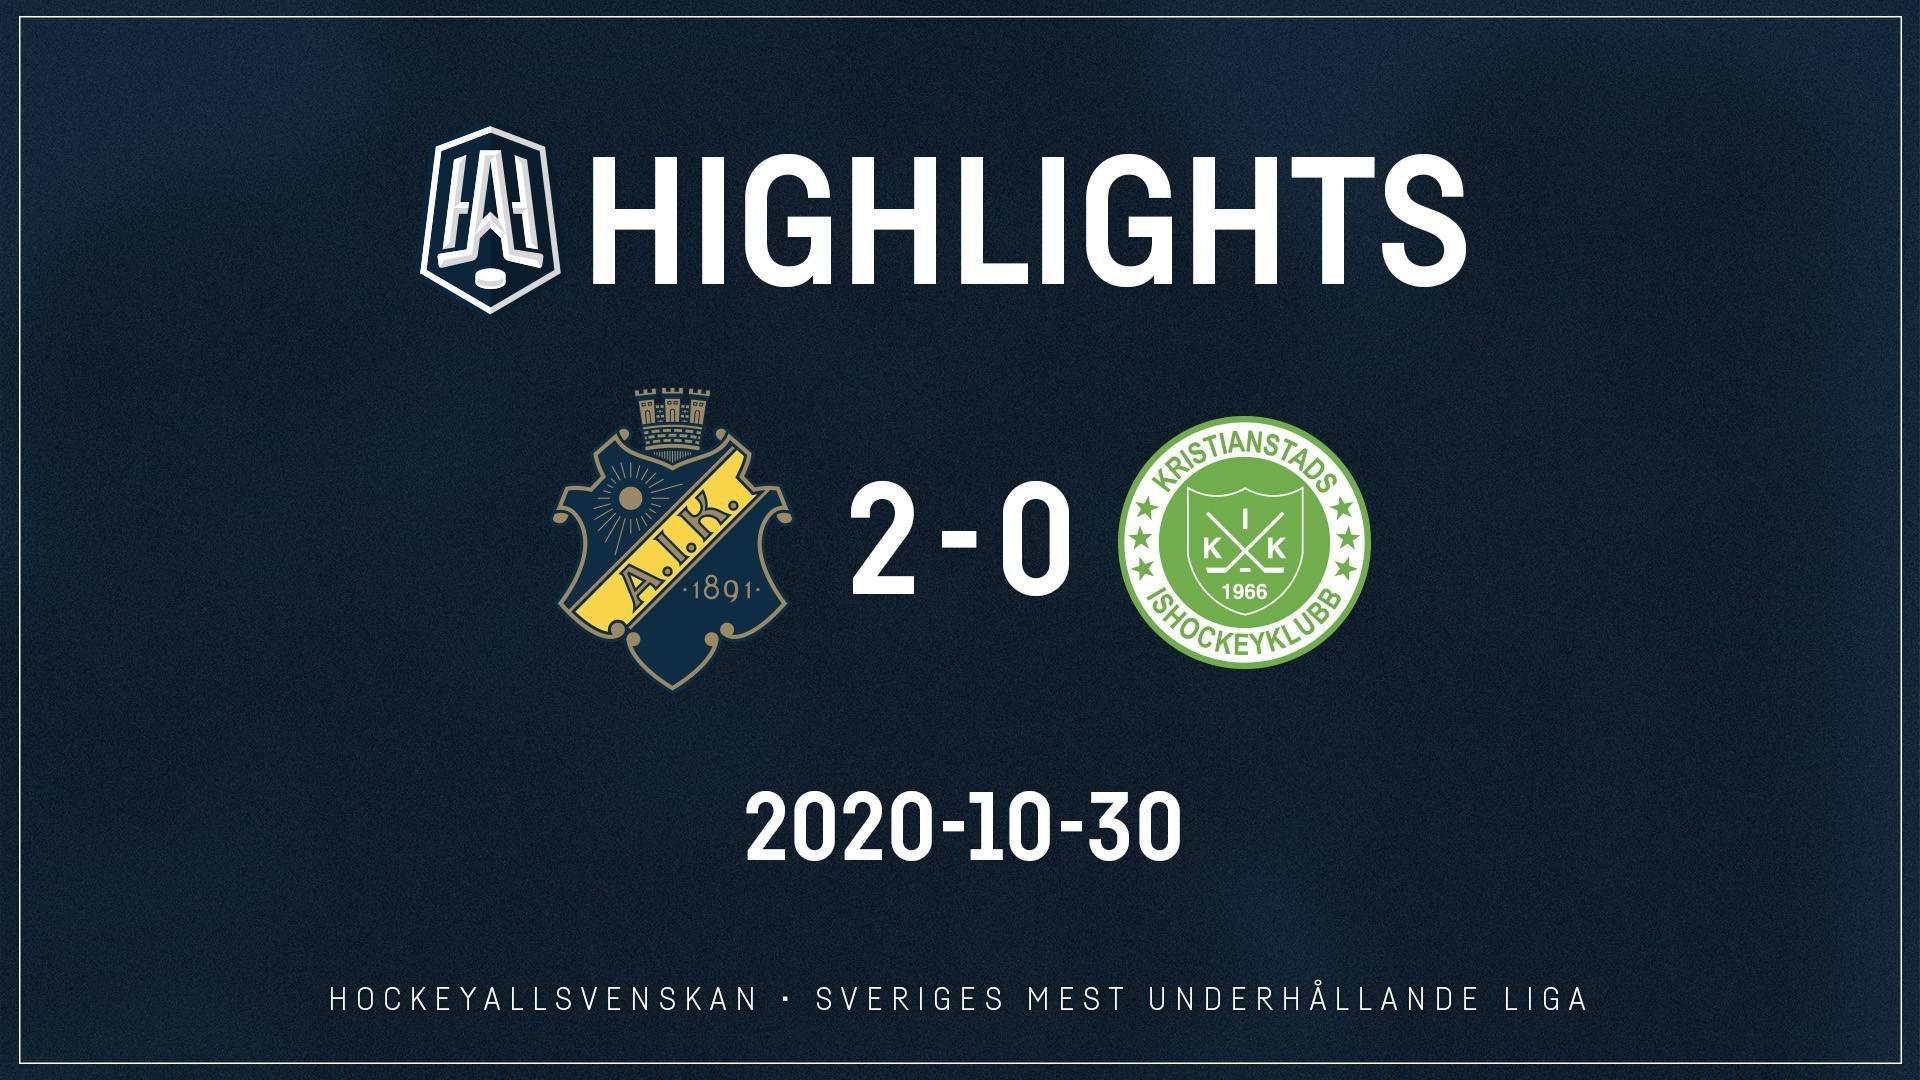 2020-10-30 AIK - Kristianstad 2-0